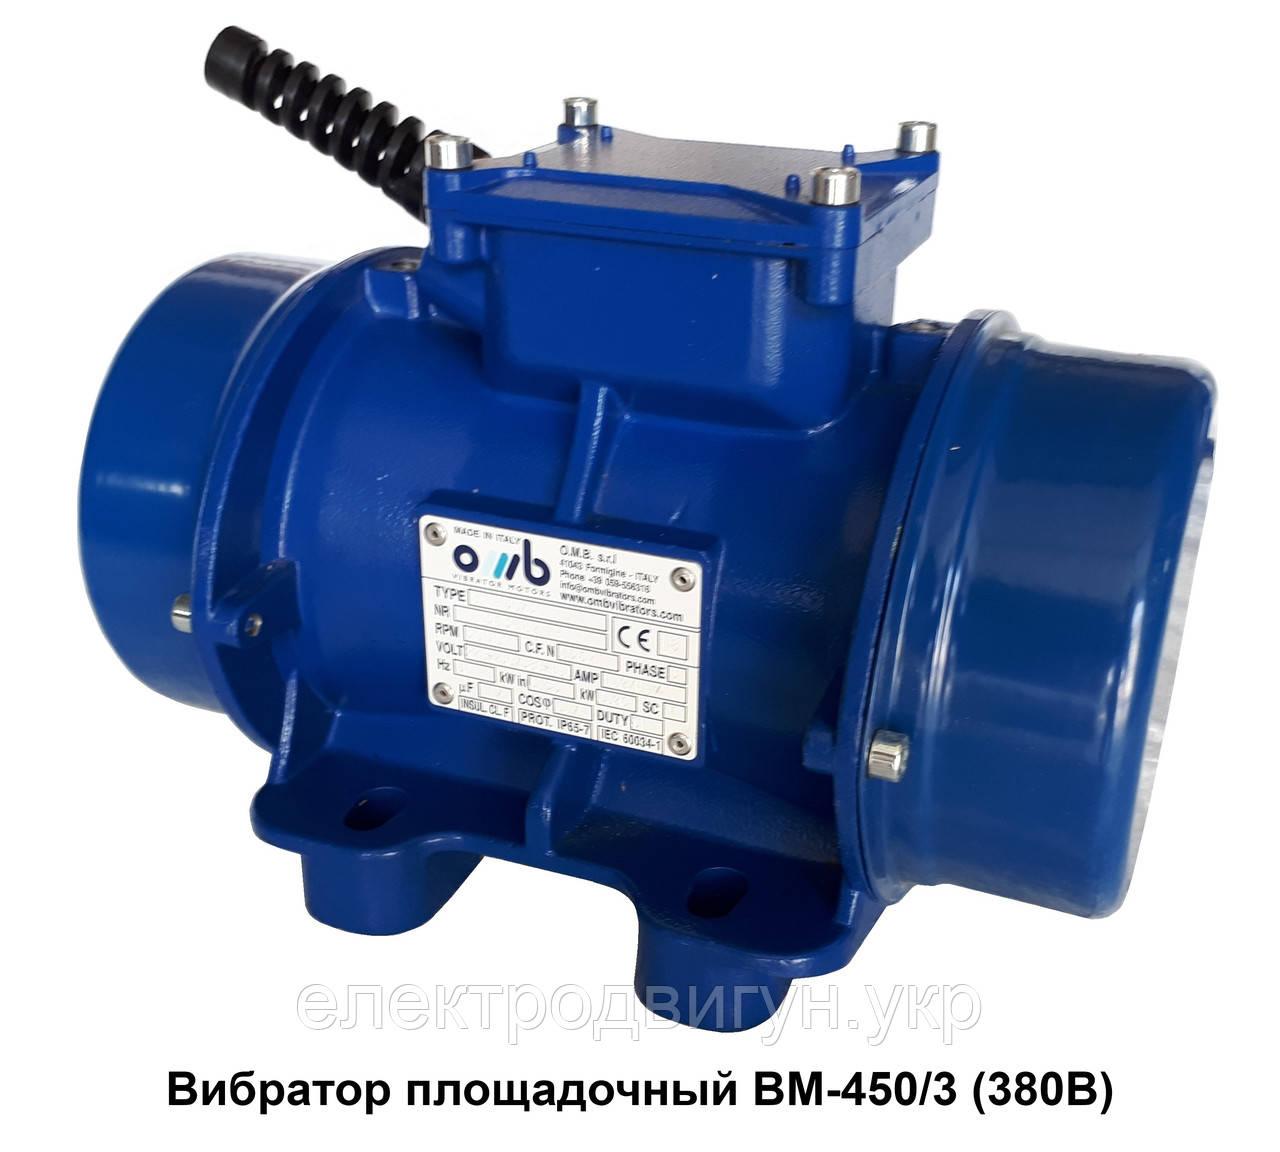 Майданчиковий вібратор ВМ 450/3 (220/380В) О. М. В. (Італія) (аналог ІВ-99Б, ІВ-05-50)